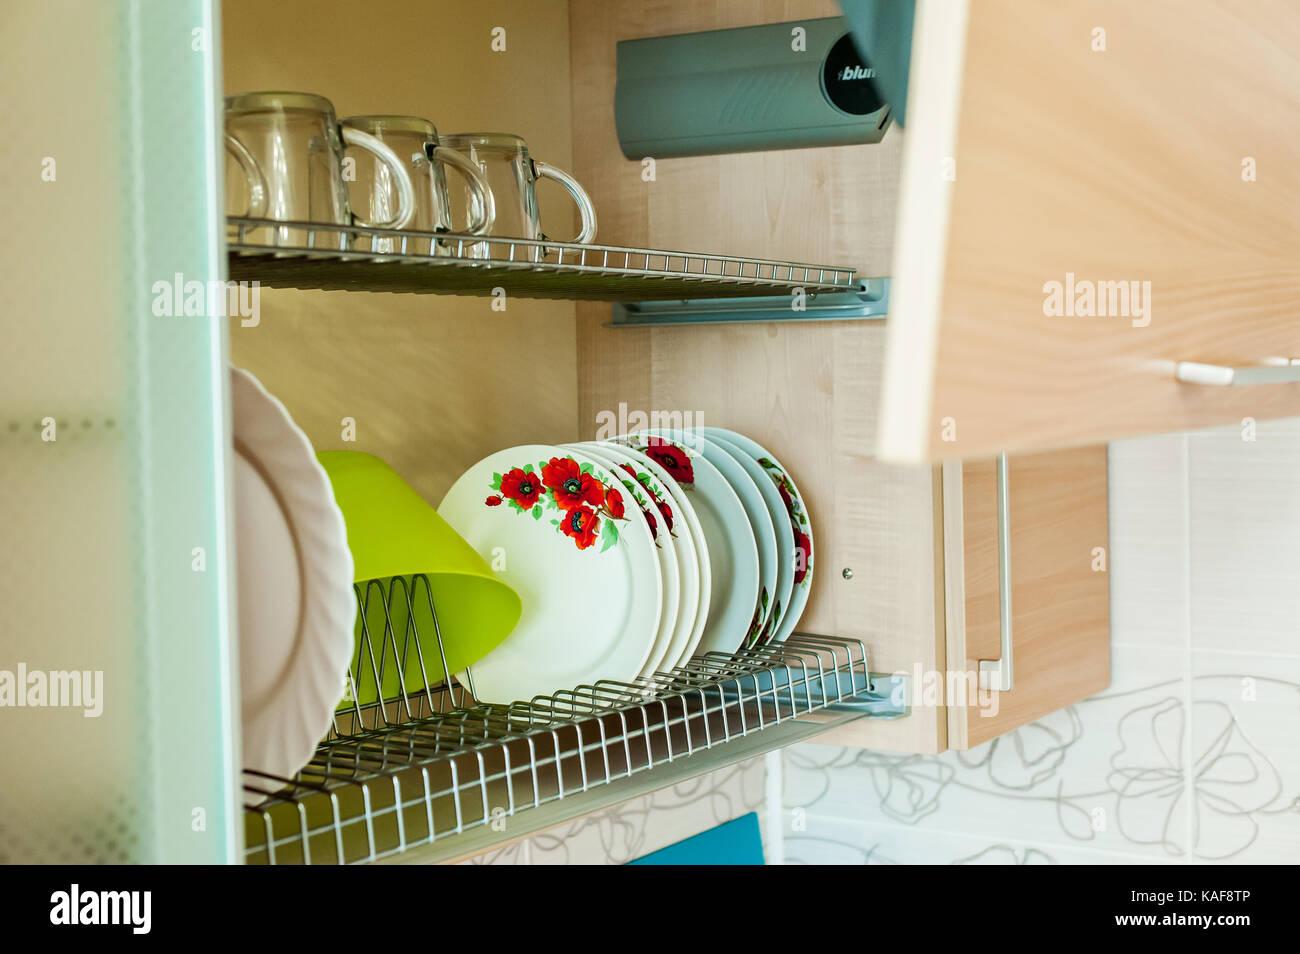 Credenza Con Tazze : Elettrodomestici per la cucina e l interno una credenza con